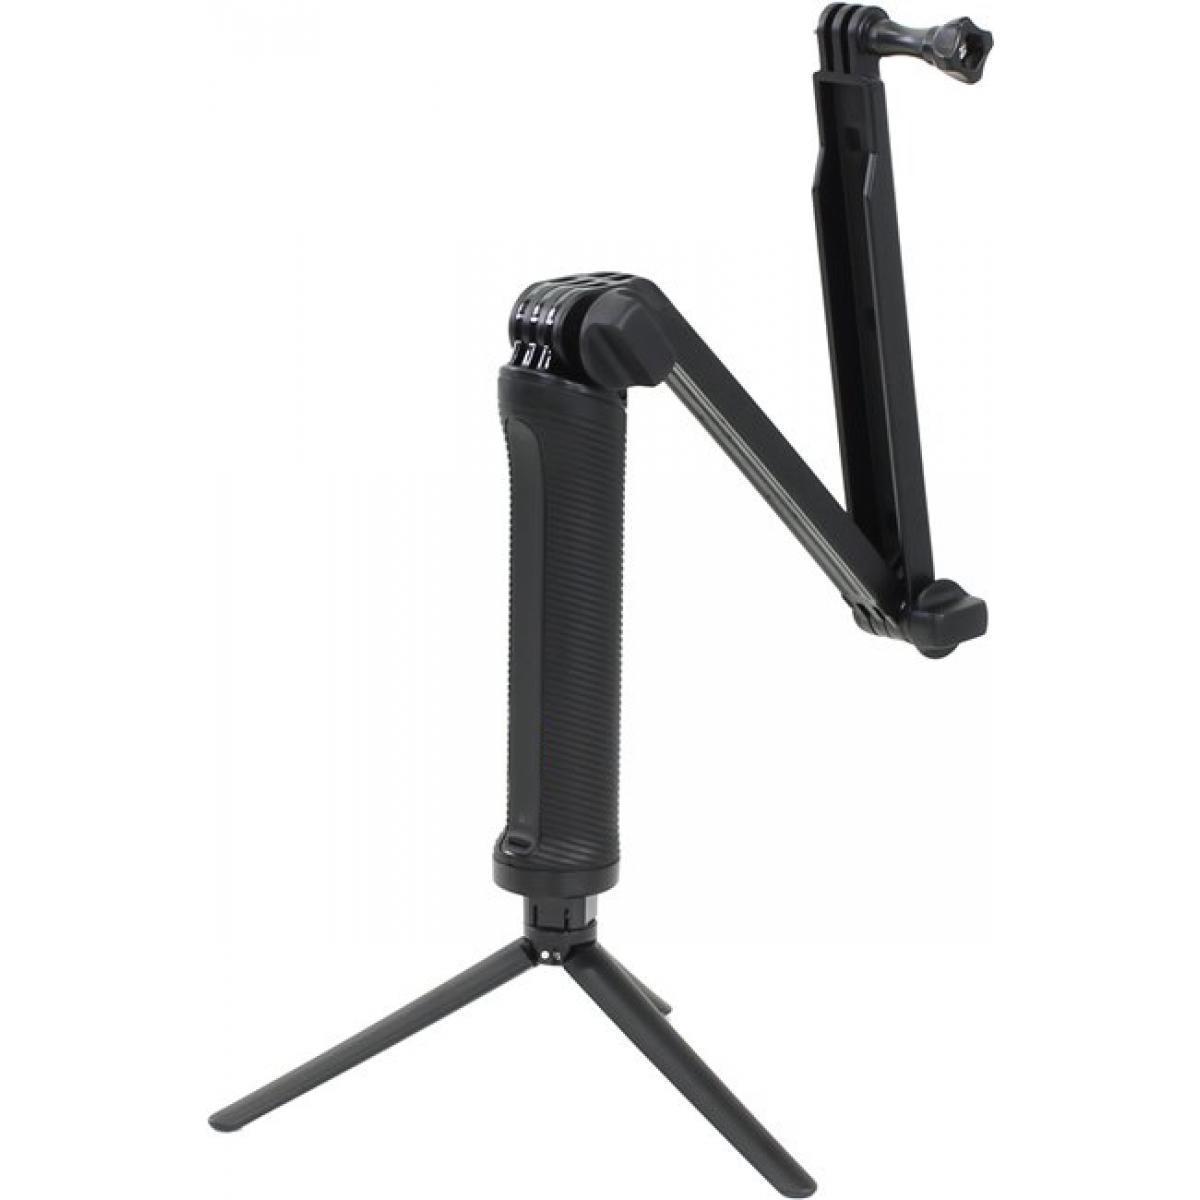 Трипод для экшн камер GoPro монопод штатив для камер и другие 3-Way